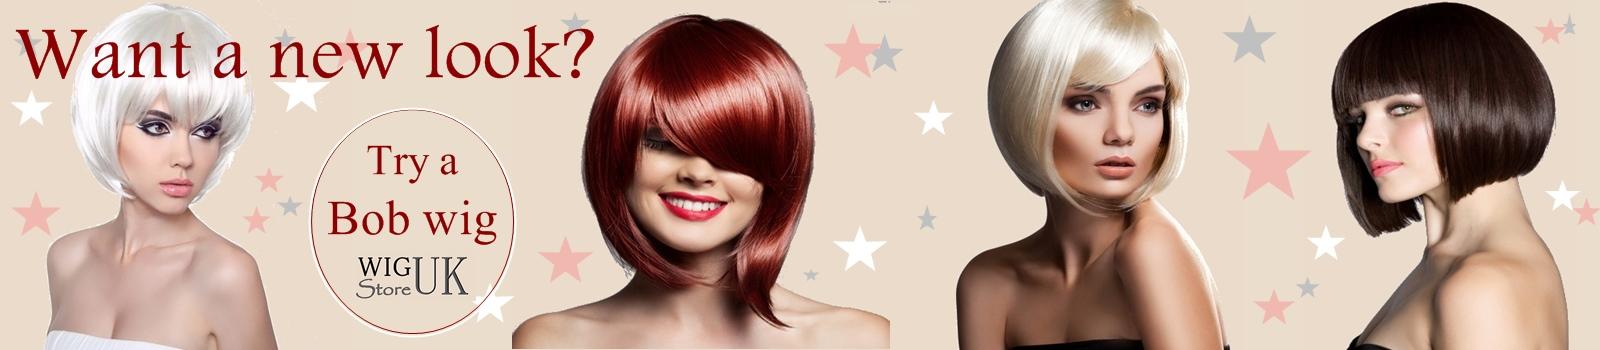 bob wigs